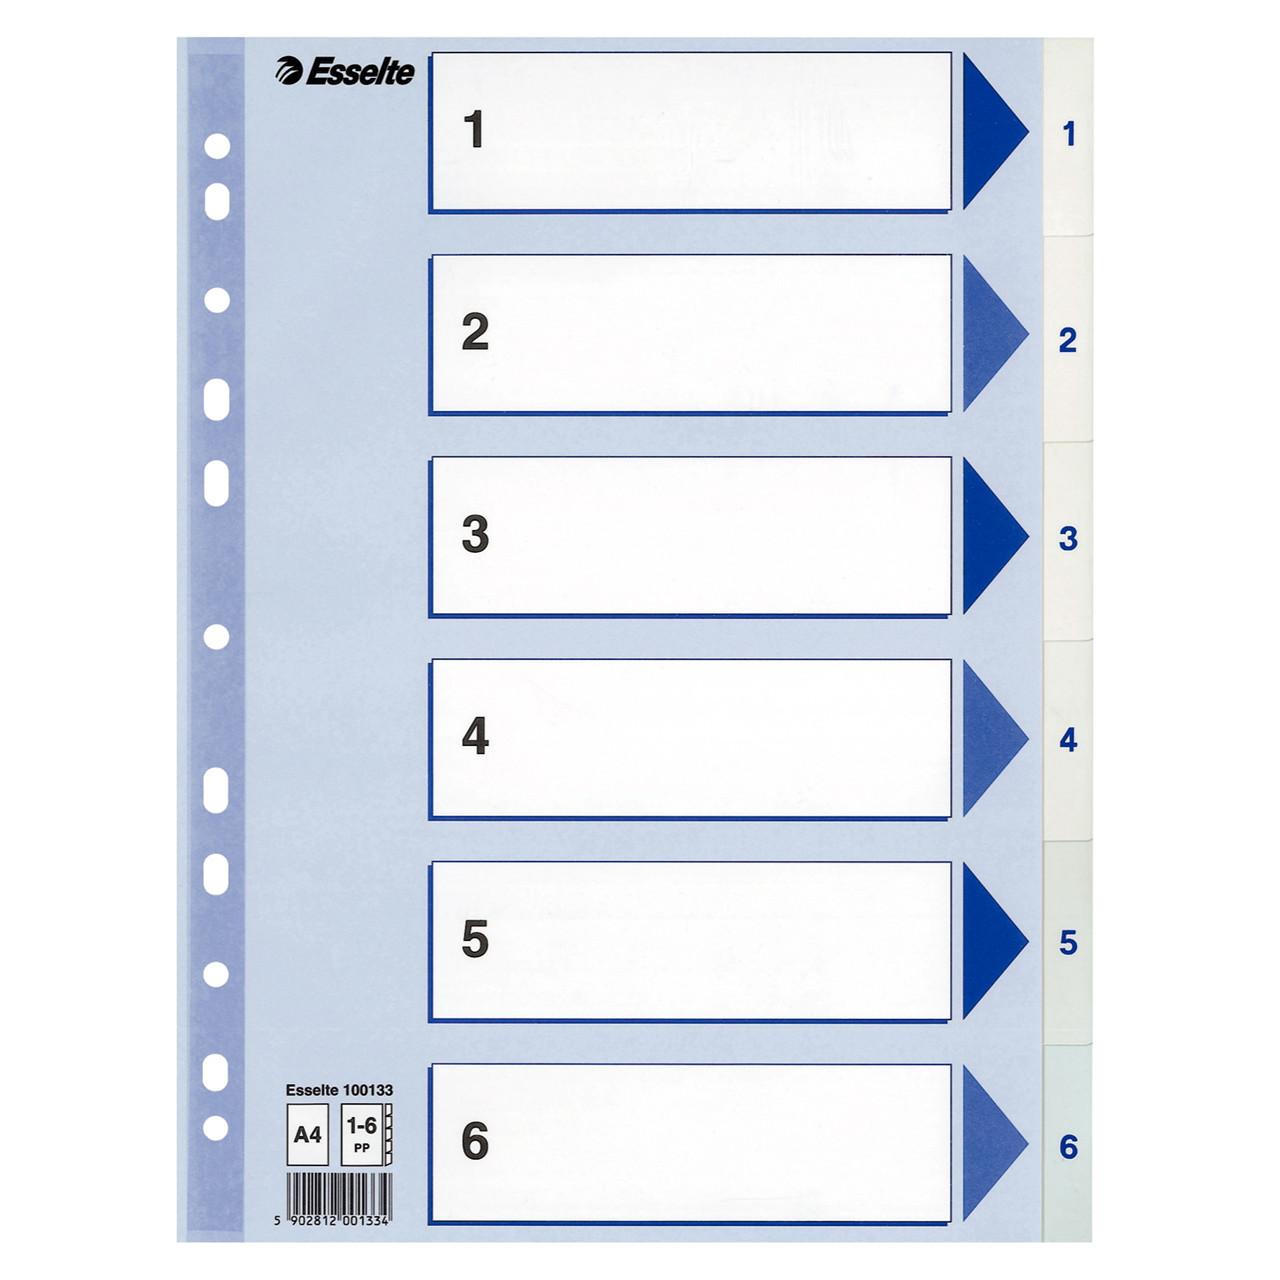 Faneblade Esselte 1-6 A4 - hvide plastfaner med blå forside i karton - Køb  billigt på Grafical.dk 7ba644b9f37f9